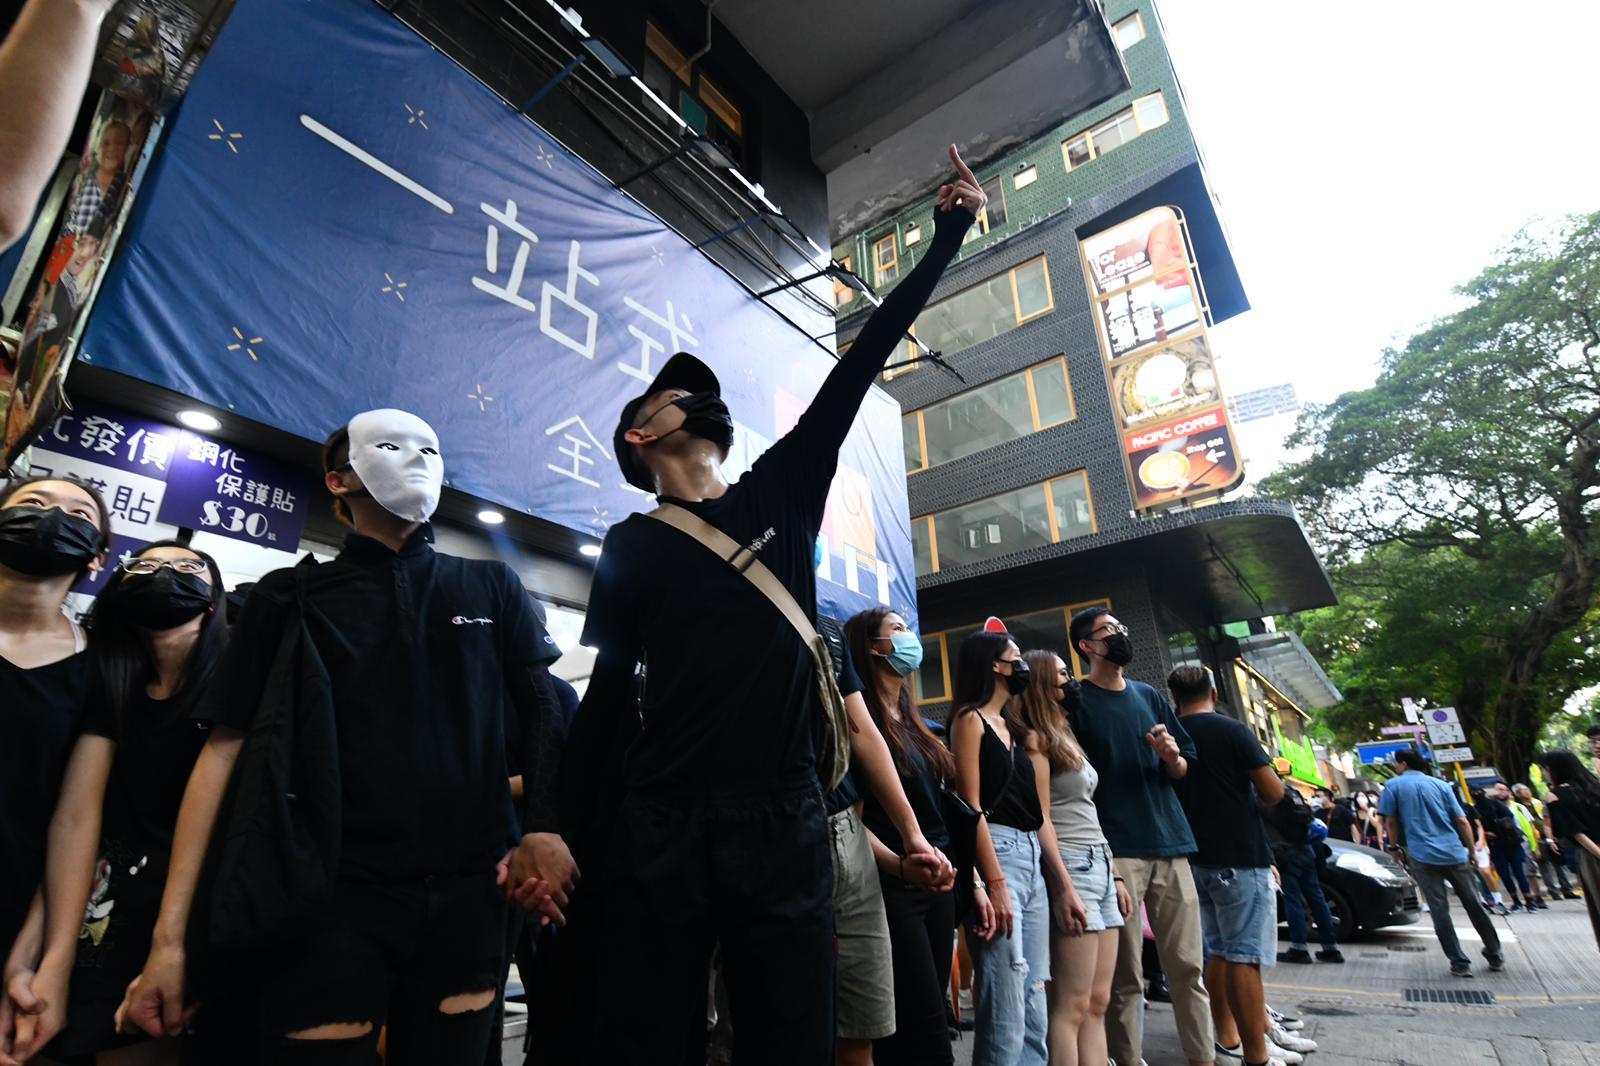 尖沙嘴有示威者築成人鏈。